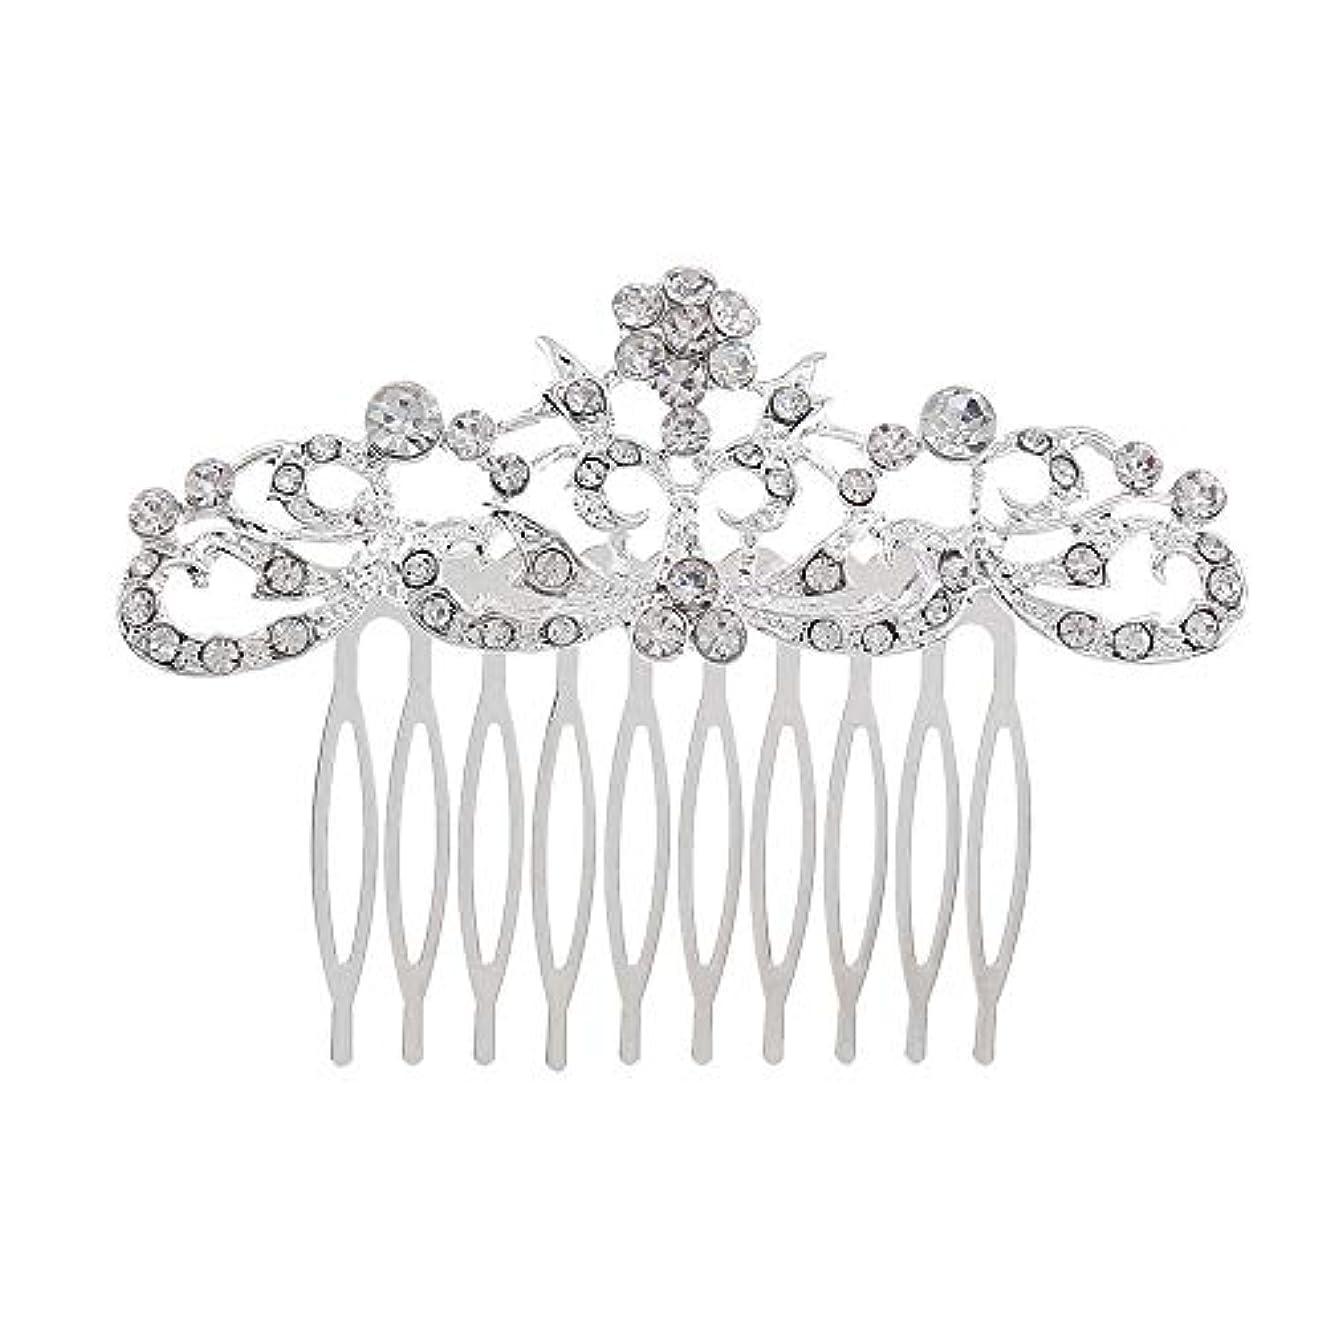 アンソロジーペナルティ絶妙髪の櫛の櫛の櫛の花嫁の髪の櫛のファッションラインストーンの櫛の櫛の花嫁の頭飾りの結婚式のアクセサリー